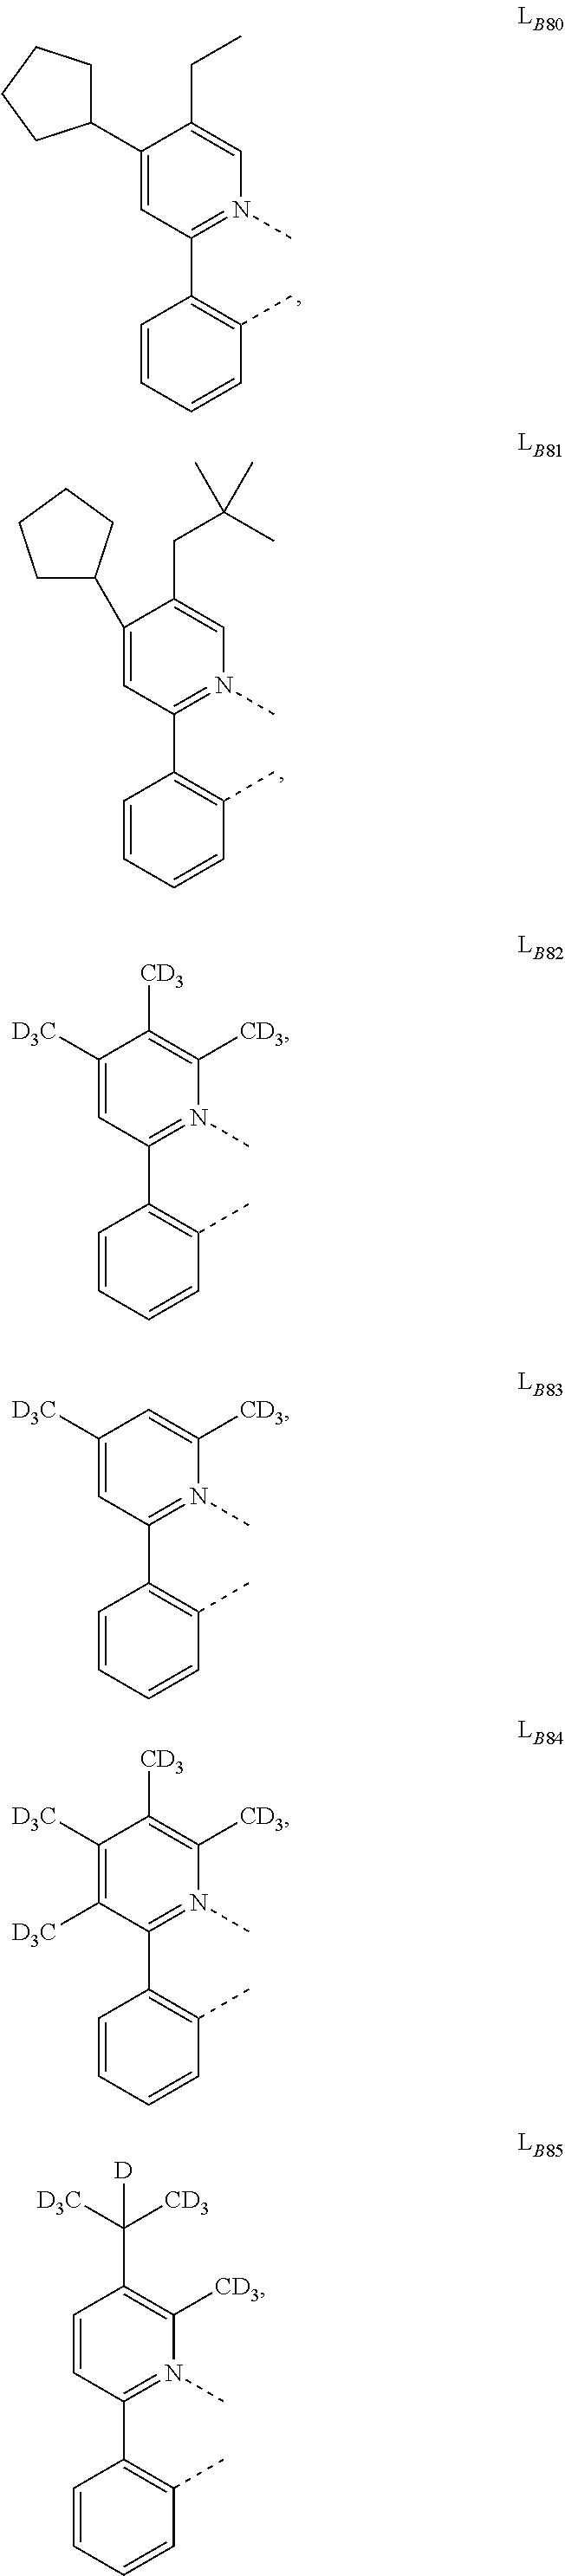 Figure US10003034-20180619-C00029